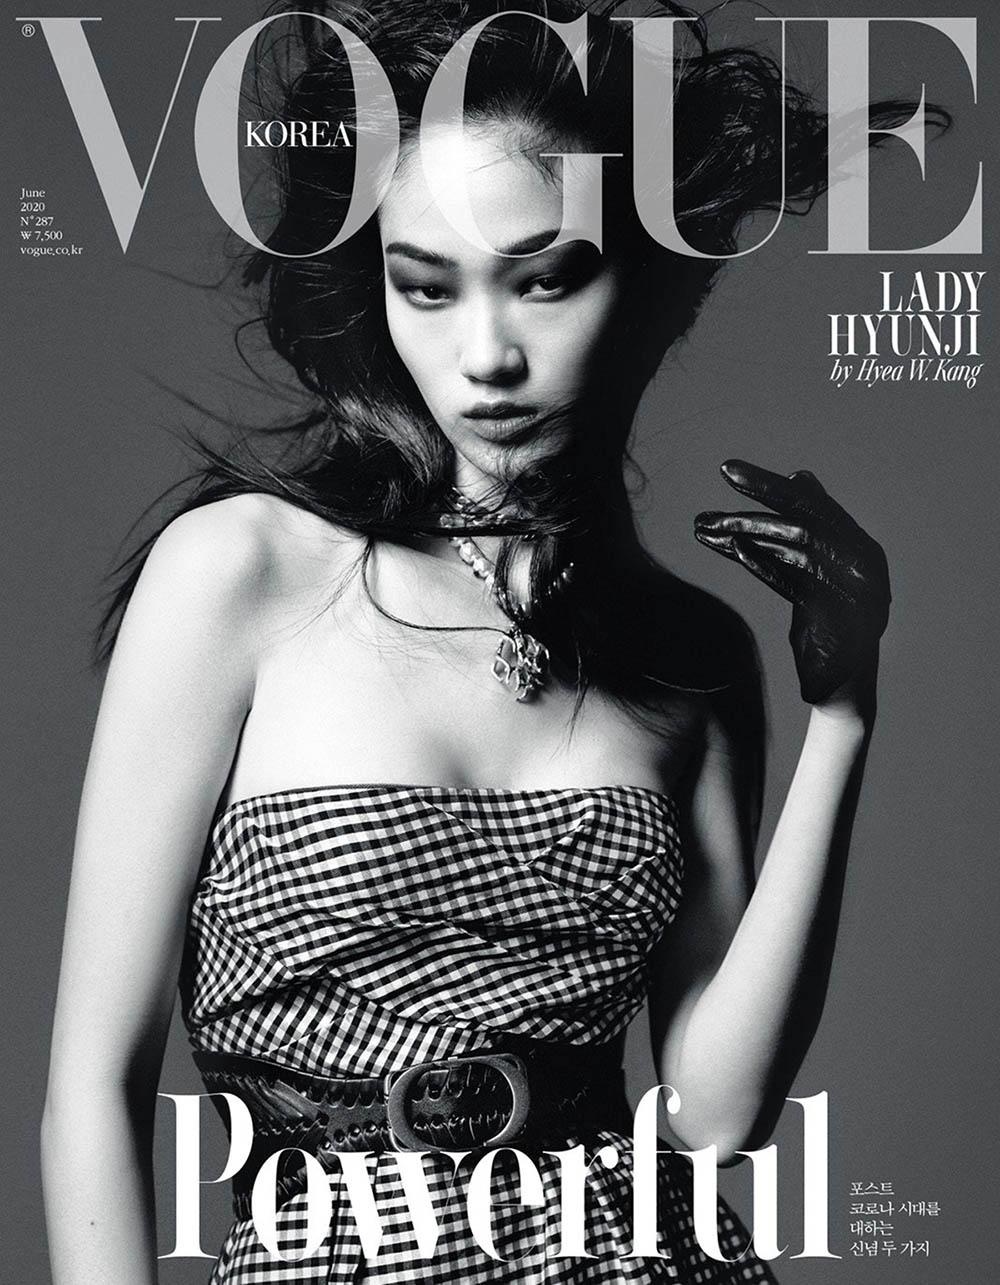 Hyunji Shin covers Vogue Korea June 2020 by Hyea W. Kang